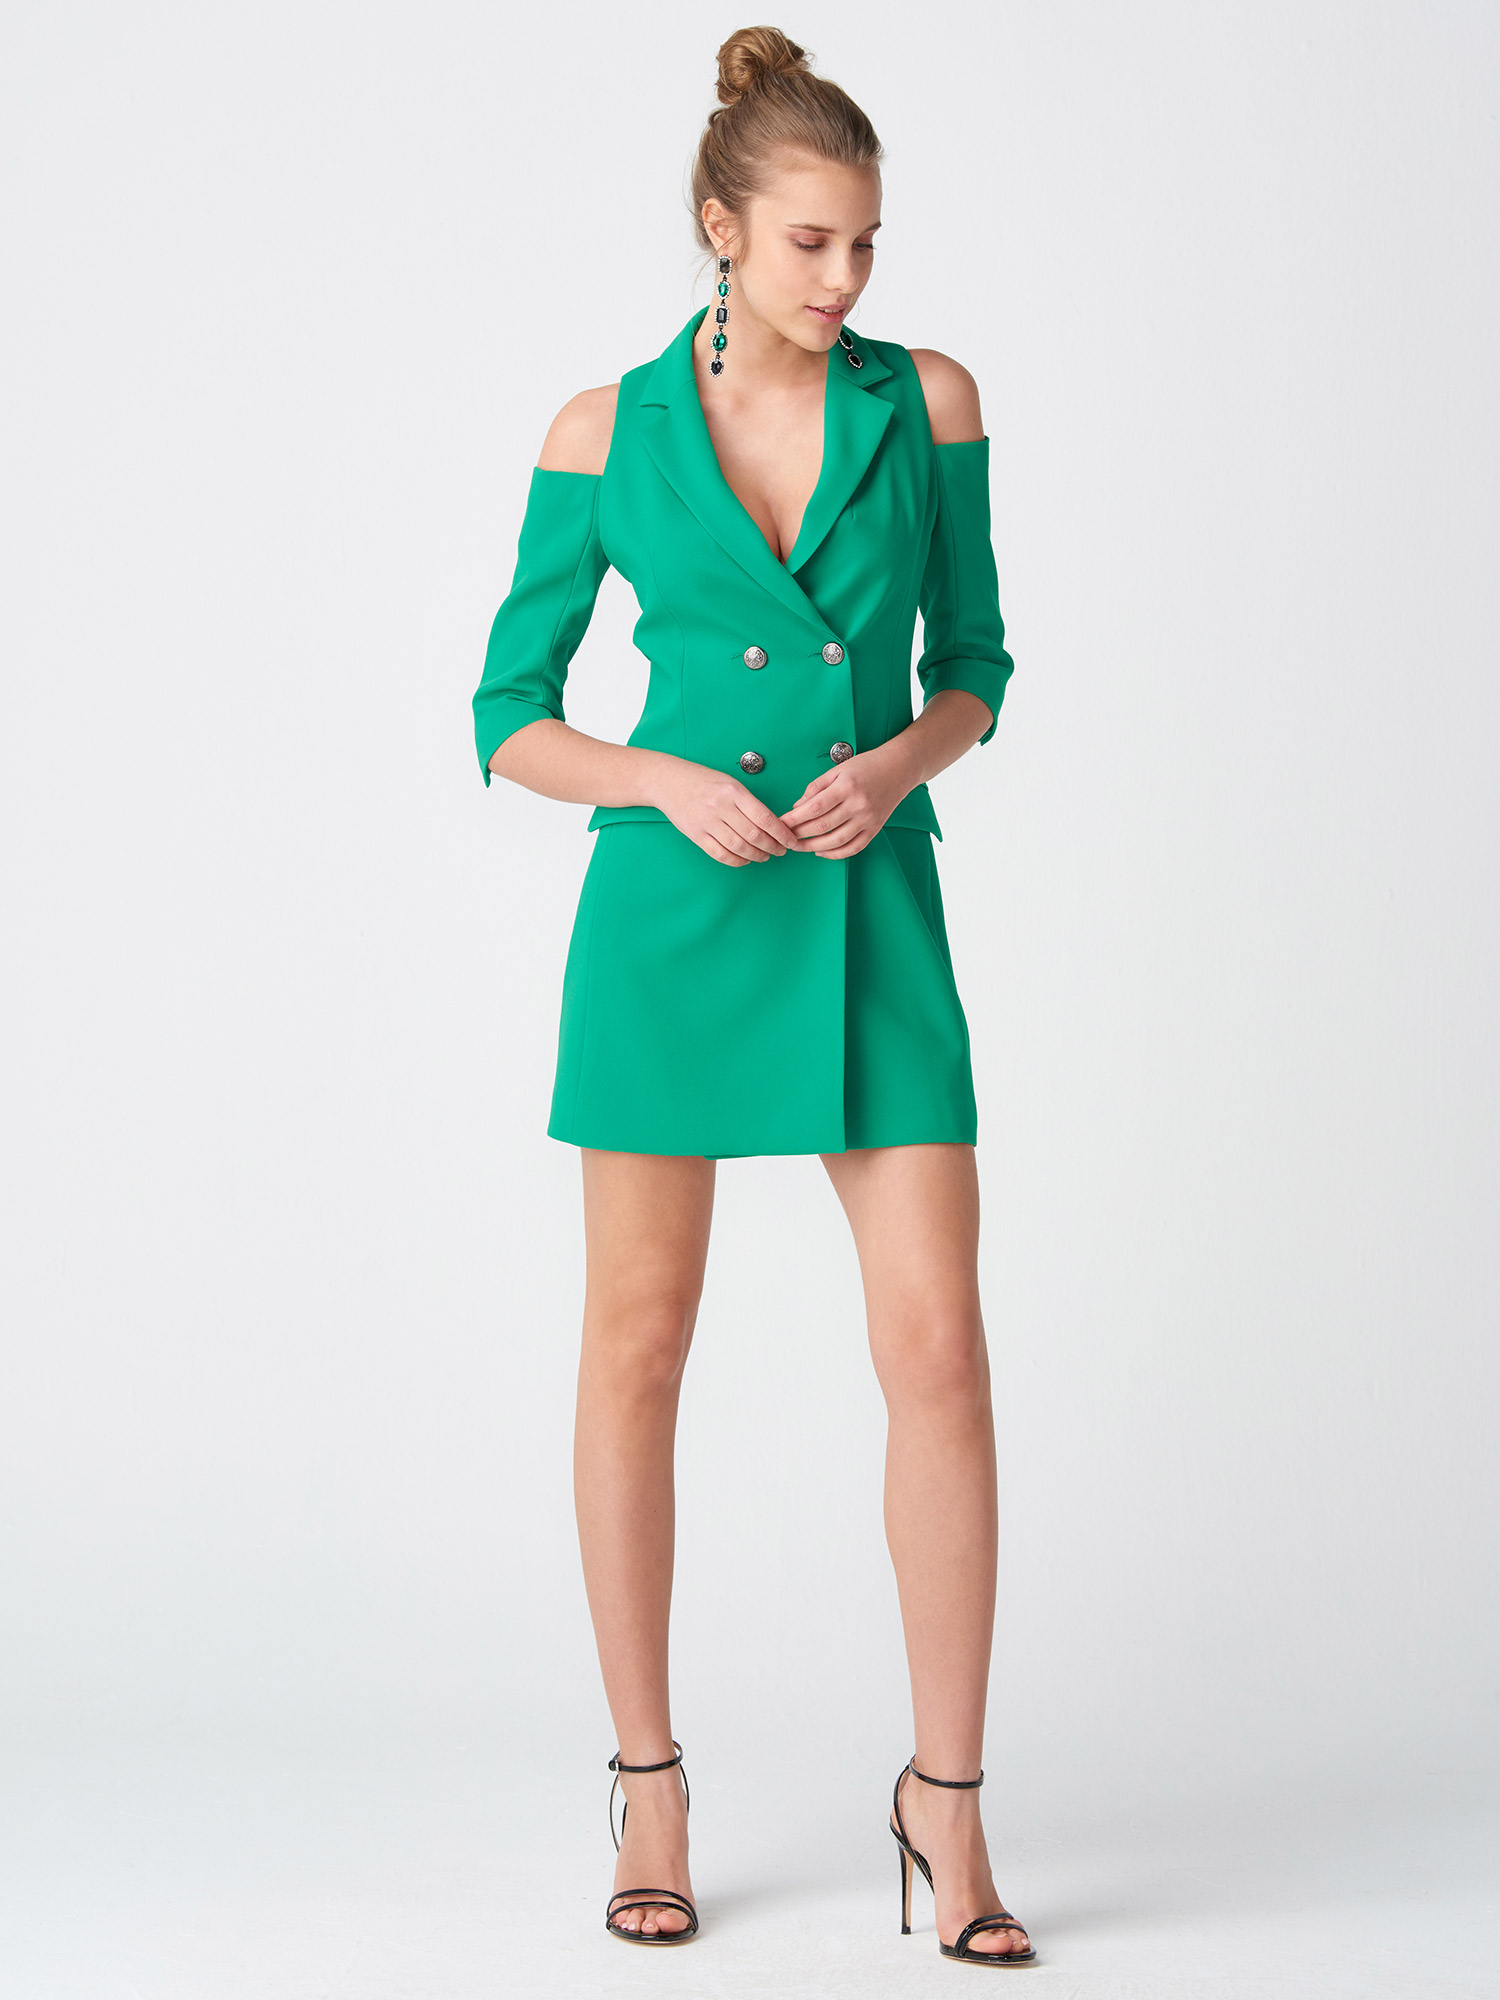 bc4c9d91561a7 6709 Omuzu Açık Kruvaze Ceket Elbise-Yeşil | ELBİSE | DILVIN